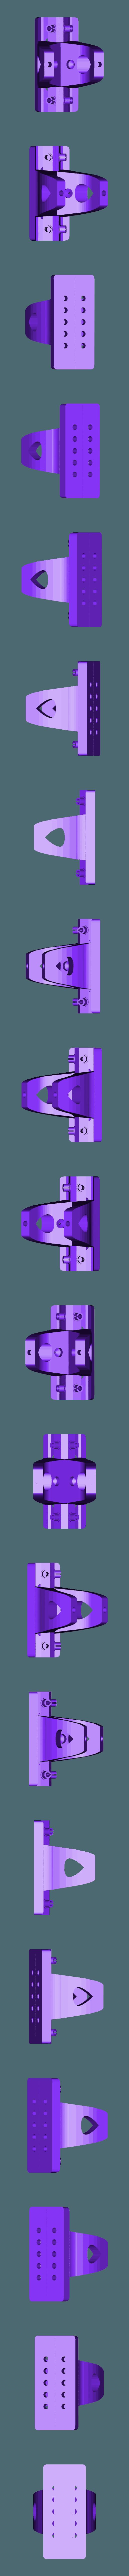 TOP_PRINT.stl Télécharger fichier STL gratuit CamRider 2020 • Plan à imprimer en 3D, suromark